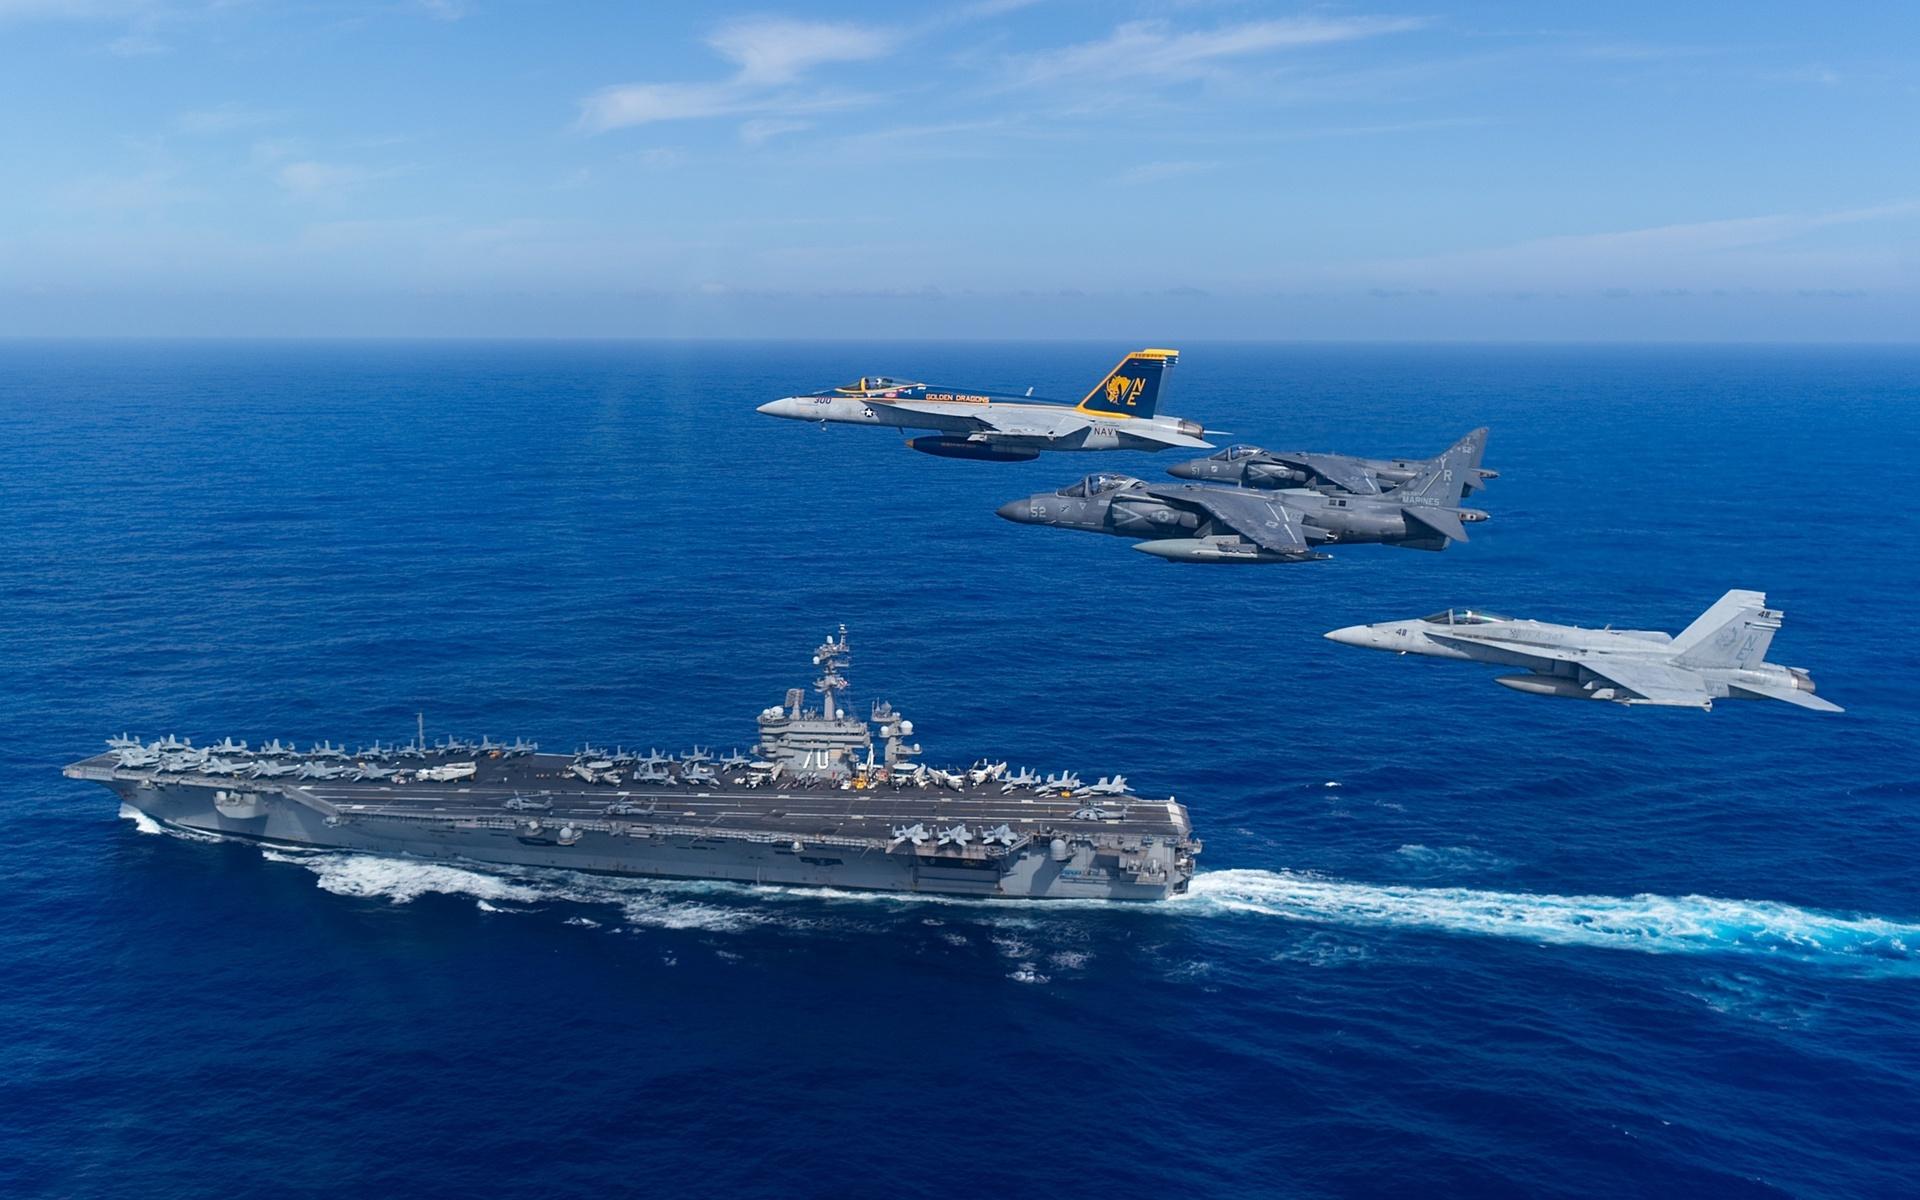 которые, фото военных кораблей и самолетов россии шихман произошла идишских